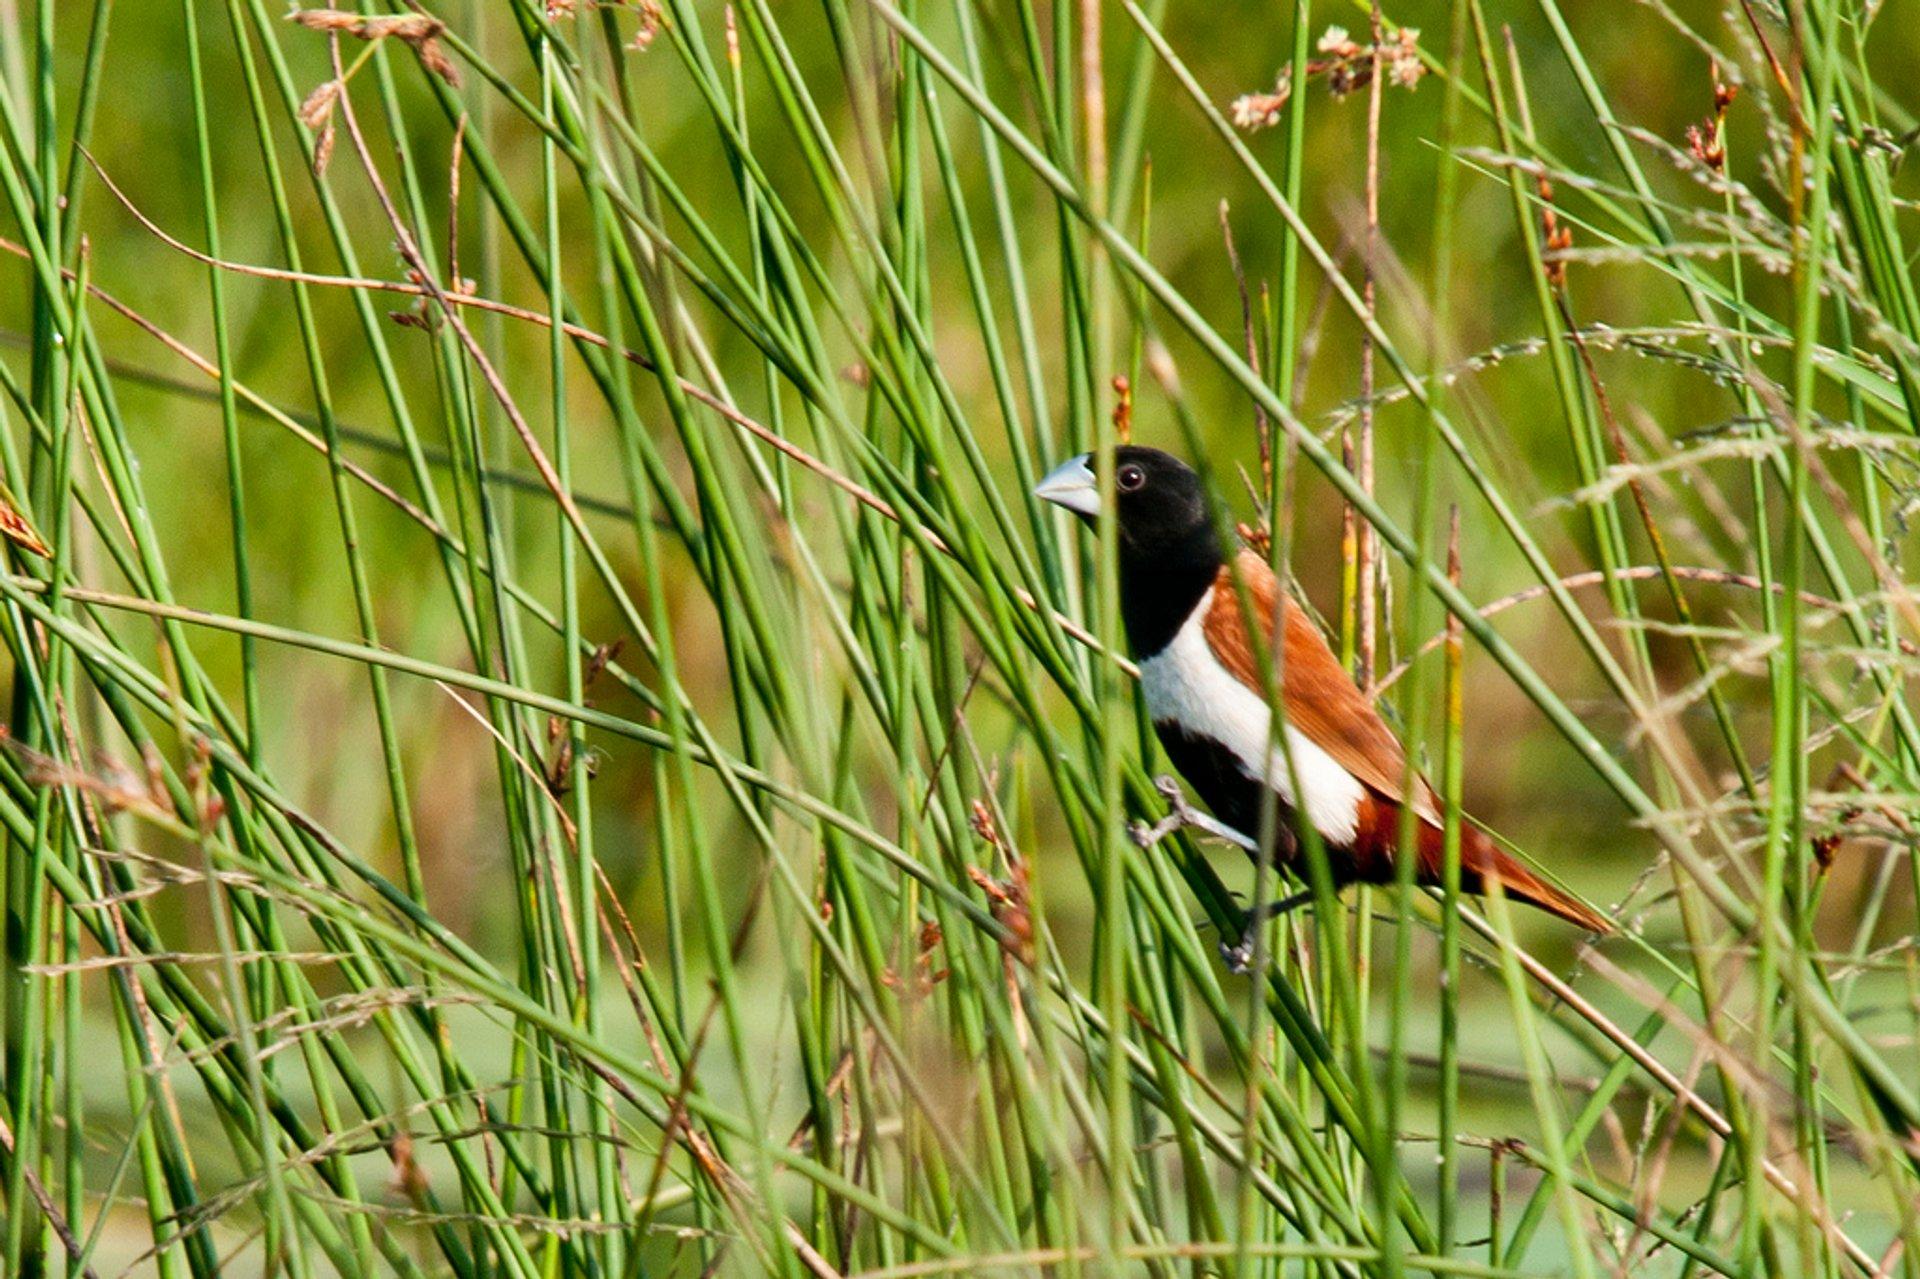 Birdwatching in Vietnam - Best Time